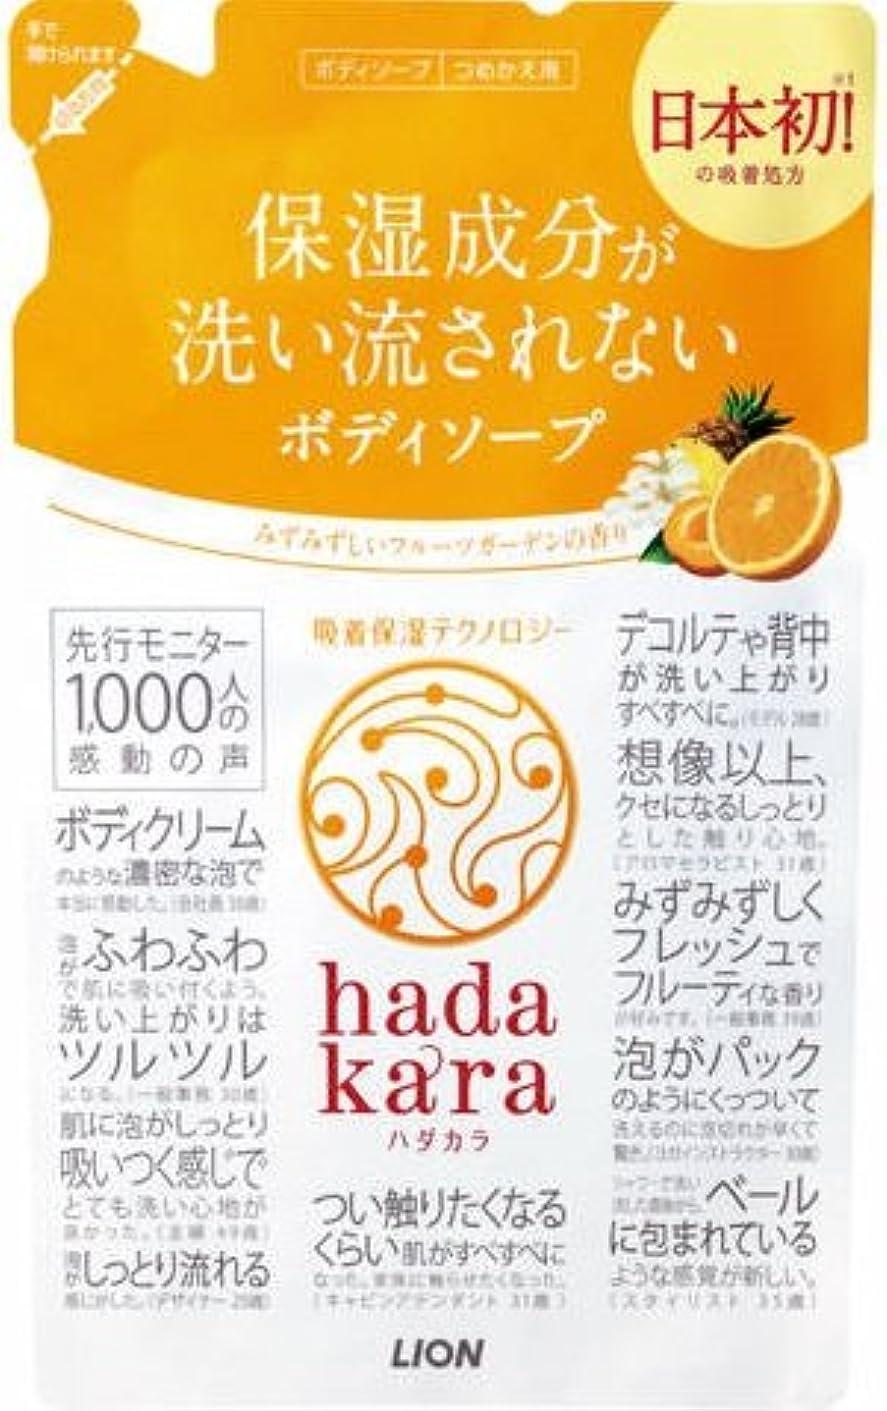 マニアック簡略化する散歩に行くhadakaraボディーソープ フルーツガーデンの香り 詰め替え × 16個セット